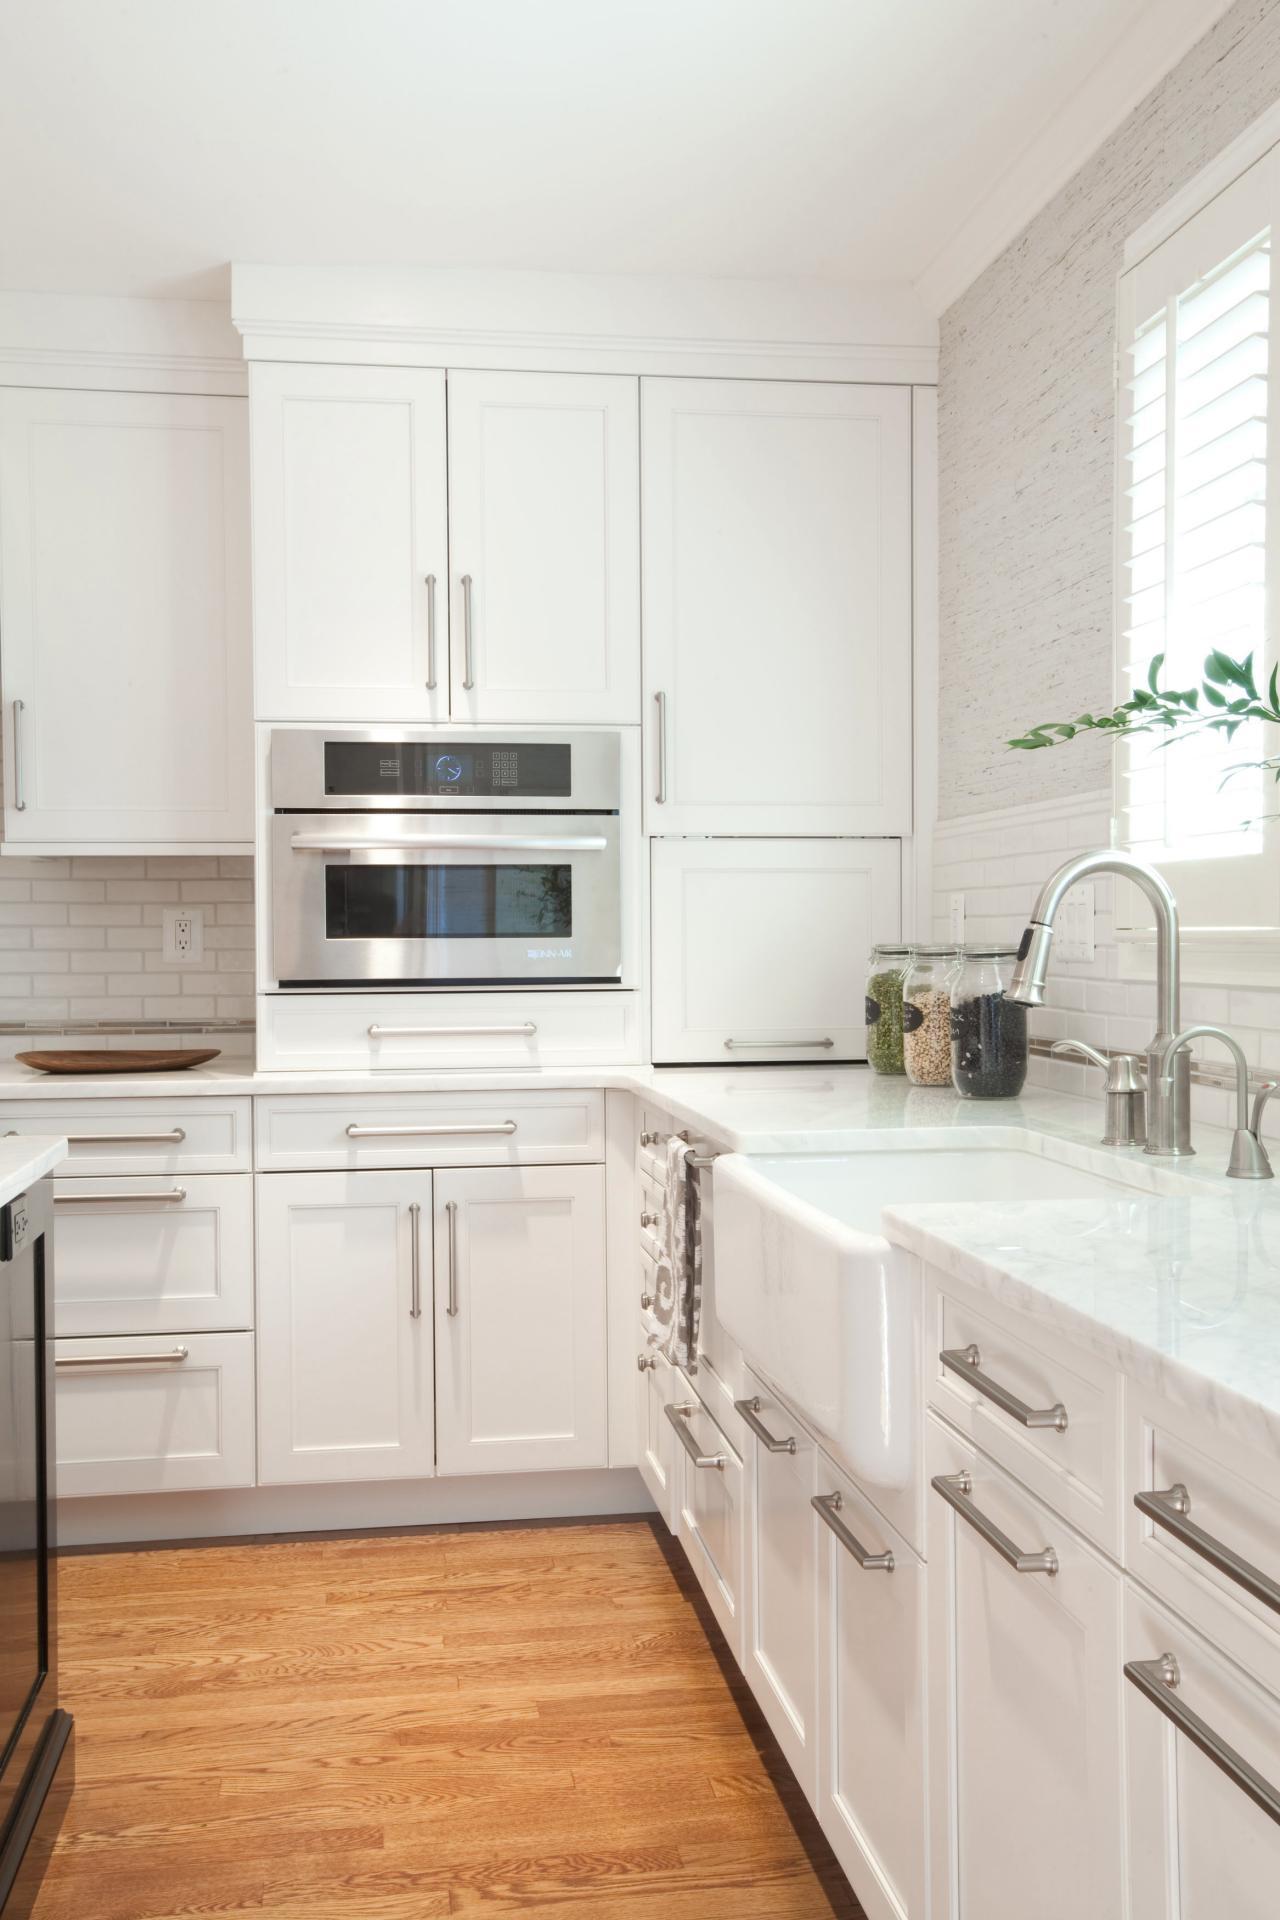 Colorful Ksi Kitchen Photos - Stylish Vintage Kitchen Ideas ...